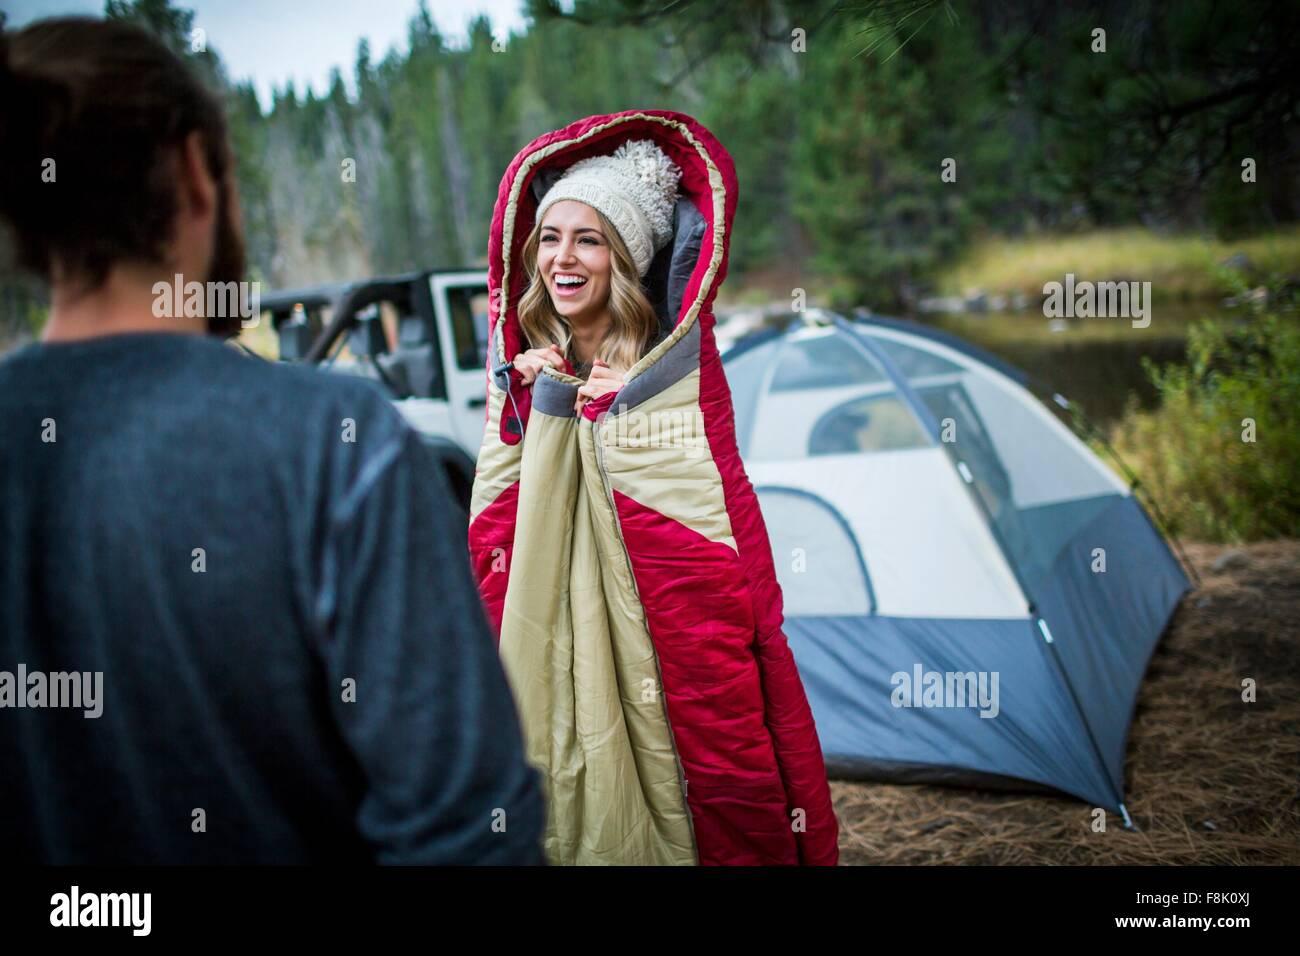 Giovane donna indossa knit hat avvolto nel sacco a pelo, Lake Tahoe, Nevada, STATI UNITI D'AMERICA Immagini Stock